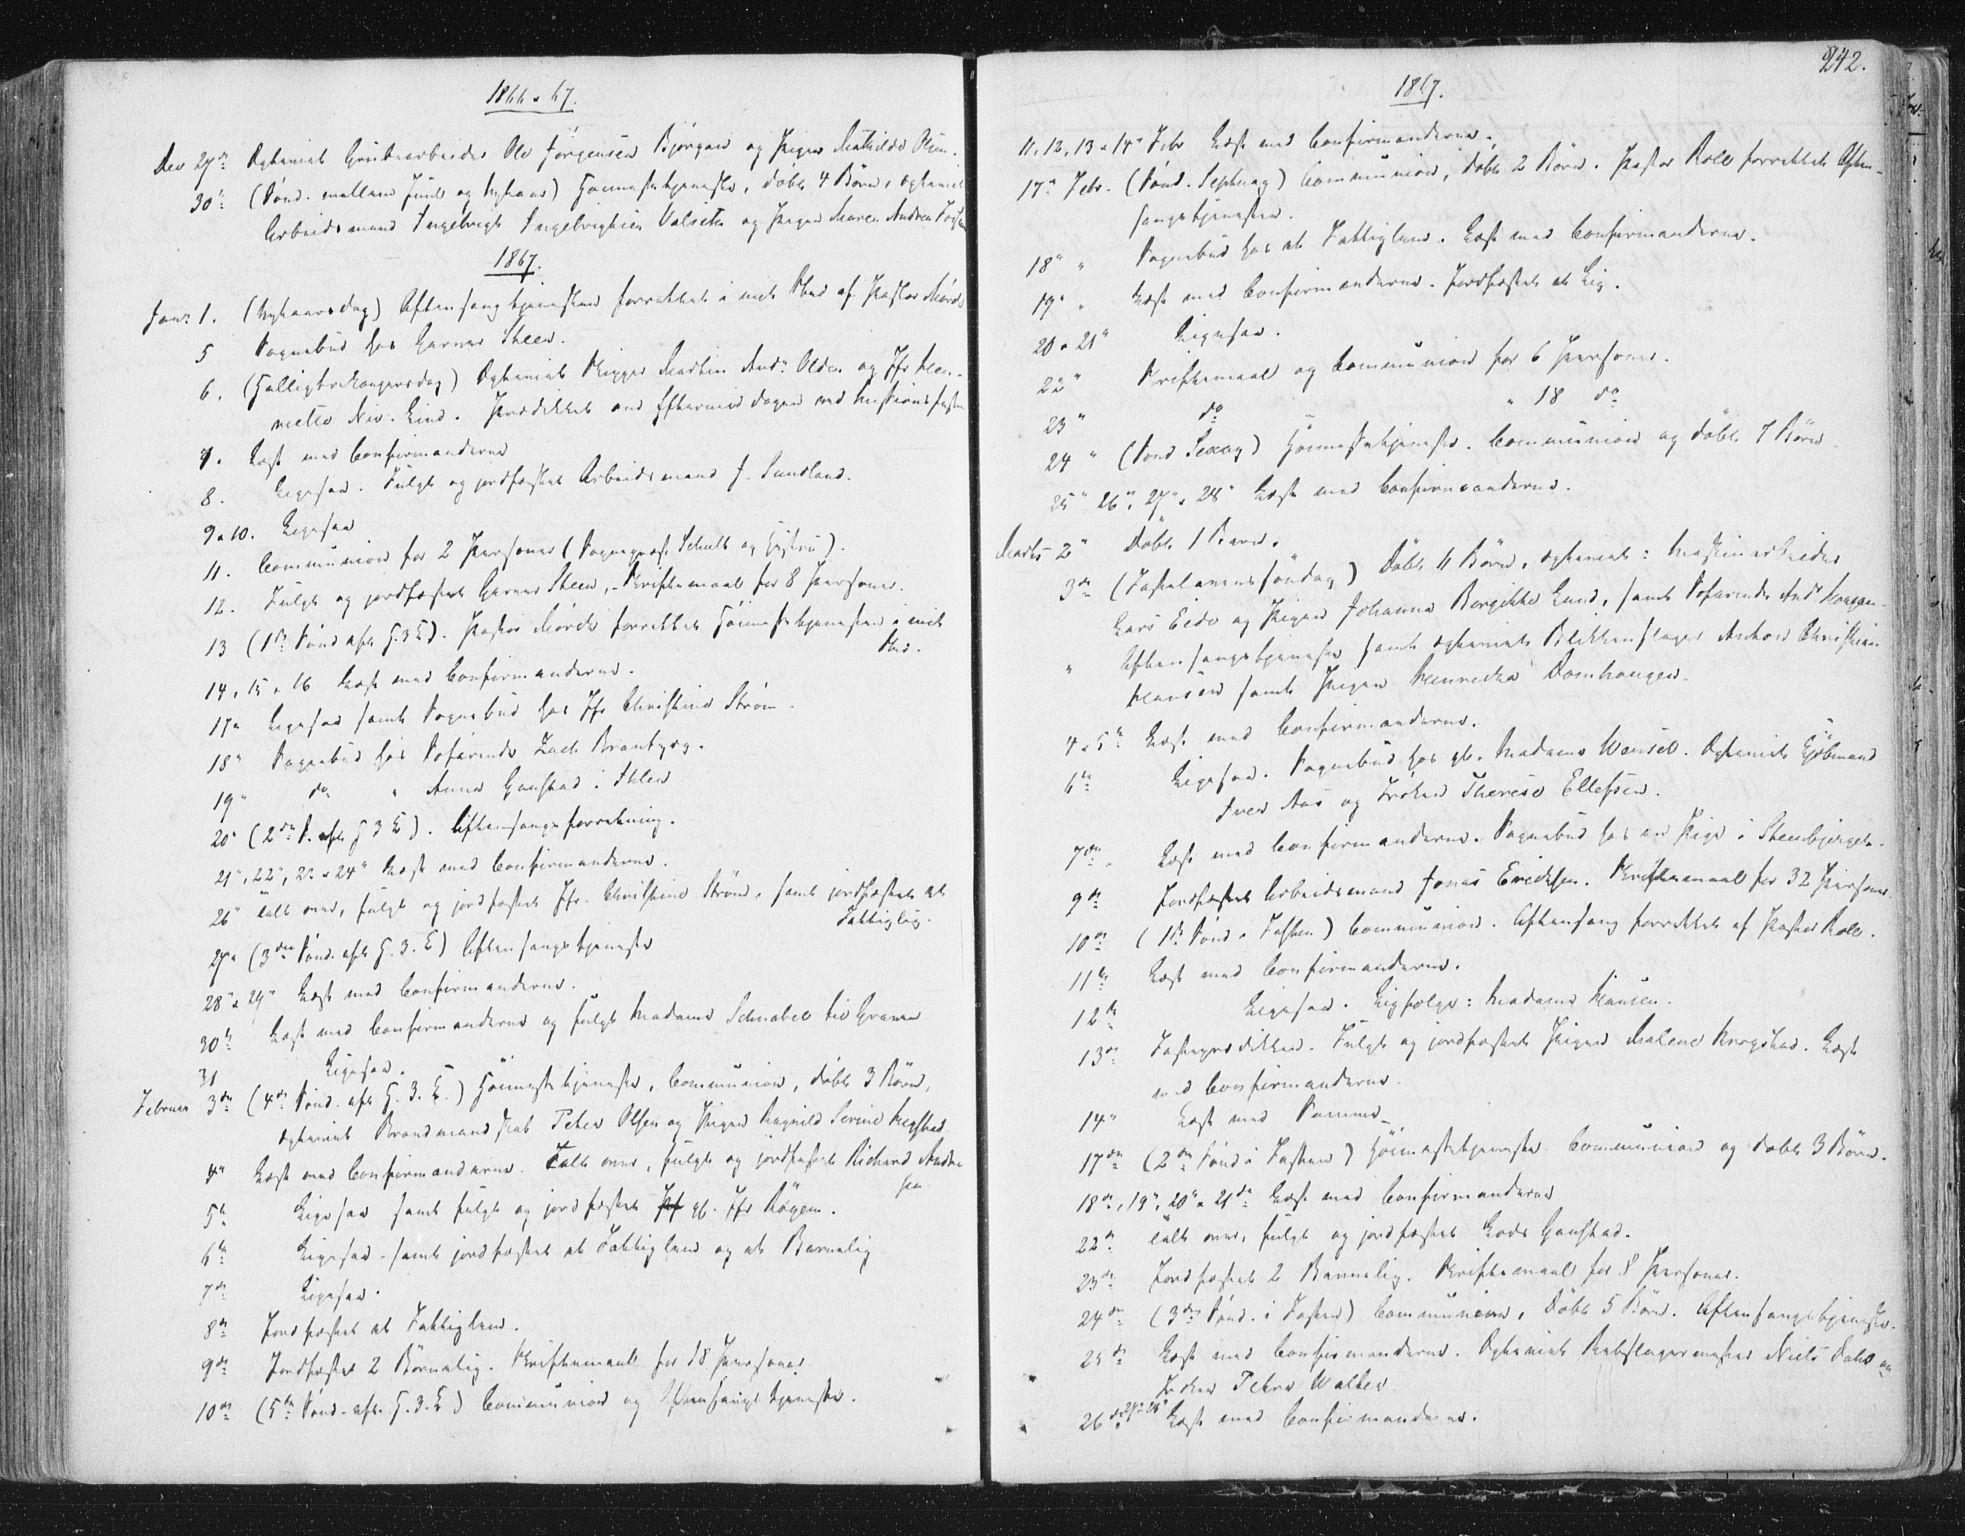 SAT, Ministerialprotokoller, klokkerbøker og fødselsregistre - Sør-Trøndelag, 602/L0127: Residerende kapellans bok nr. 602B01, 1821-1875, s. 242